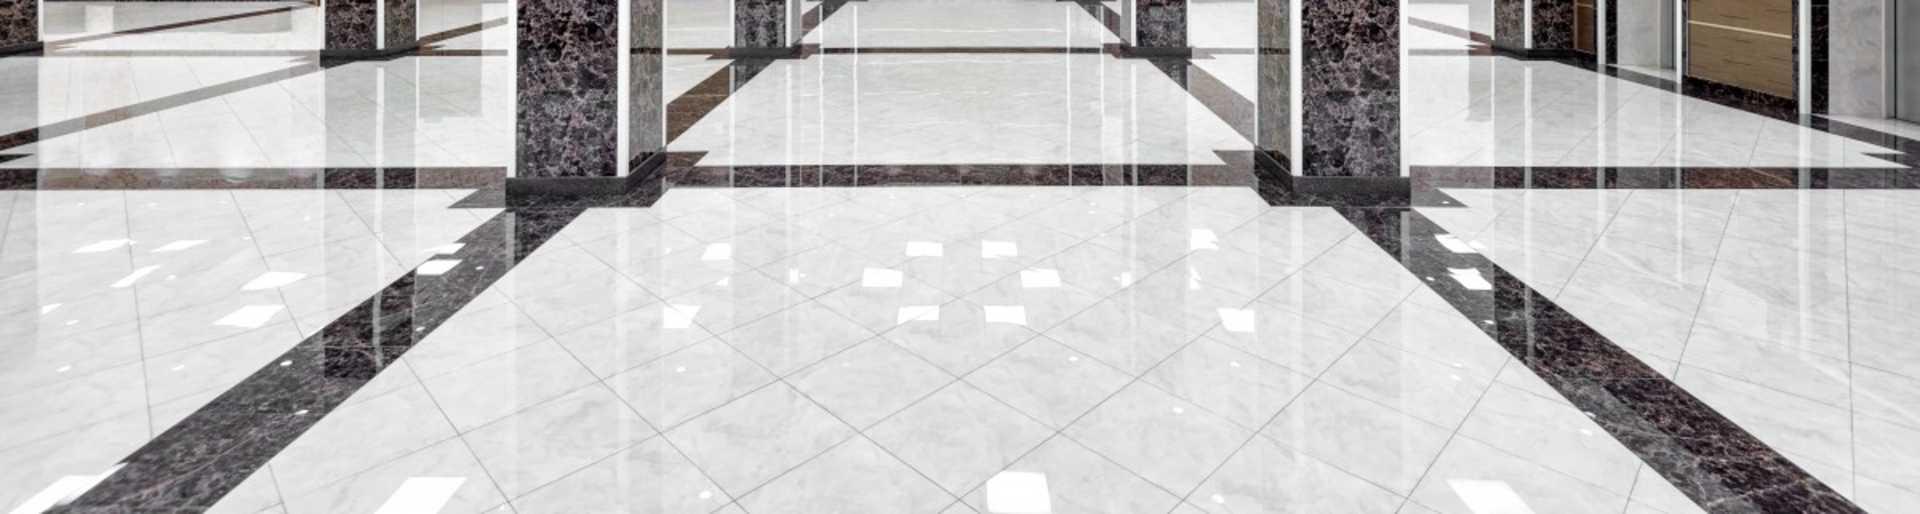 Finished Basement Floor | Epoxy Basement Floor Cost